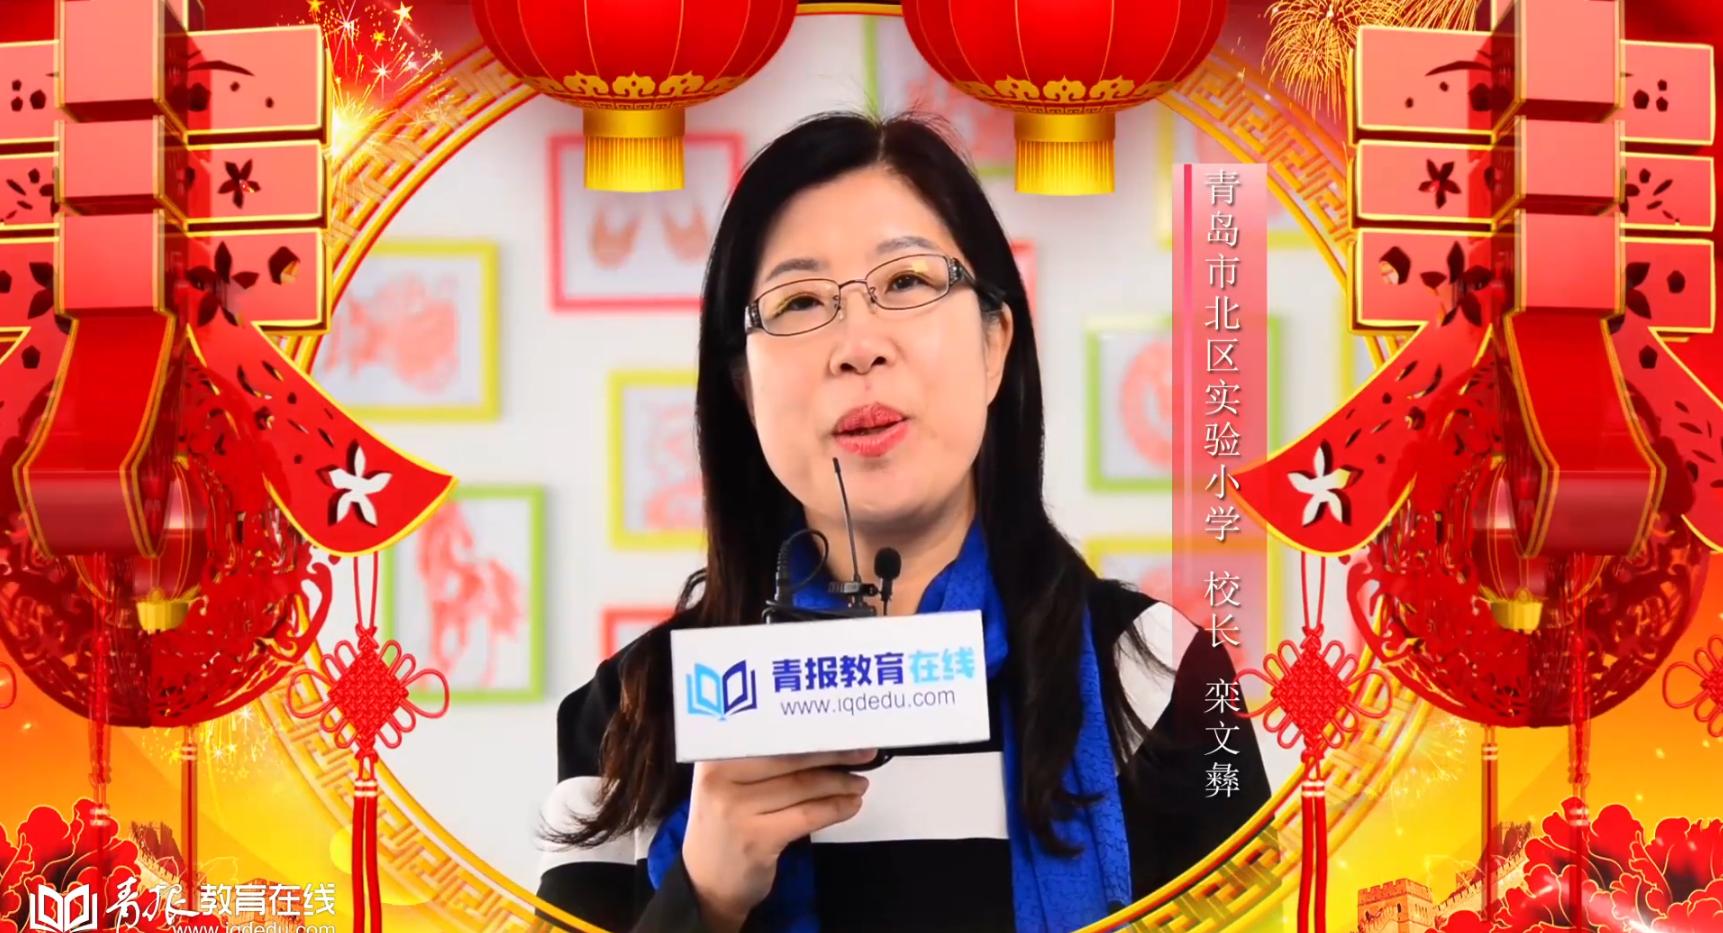 【视频】千事吉祥,万事如意!青岛市北区实验小学给您拜年啦!